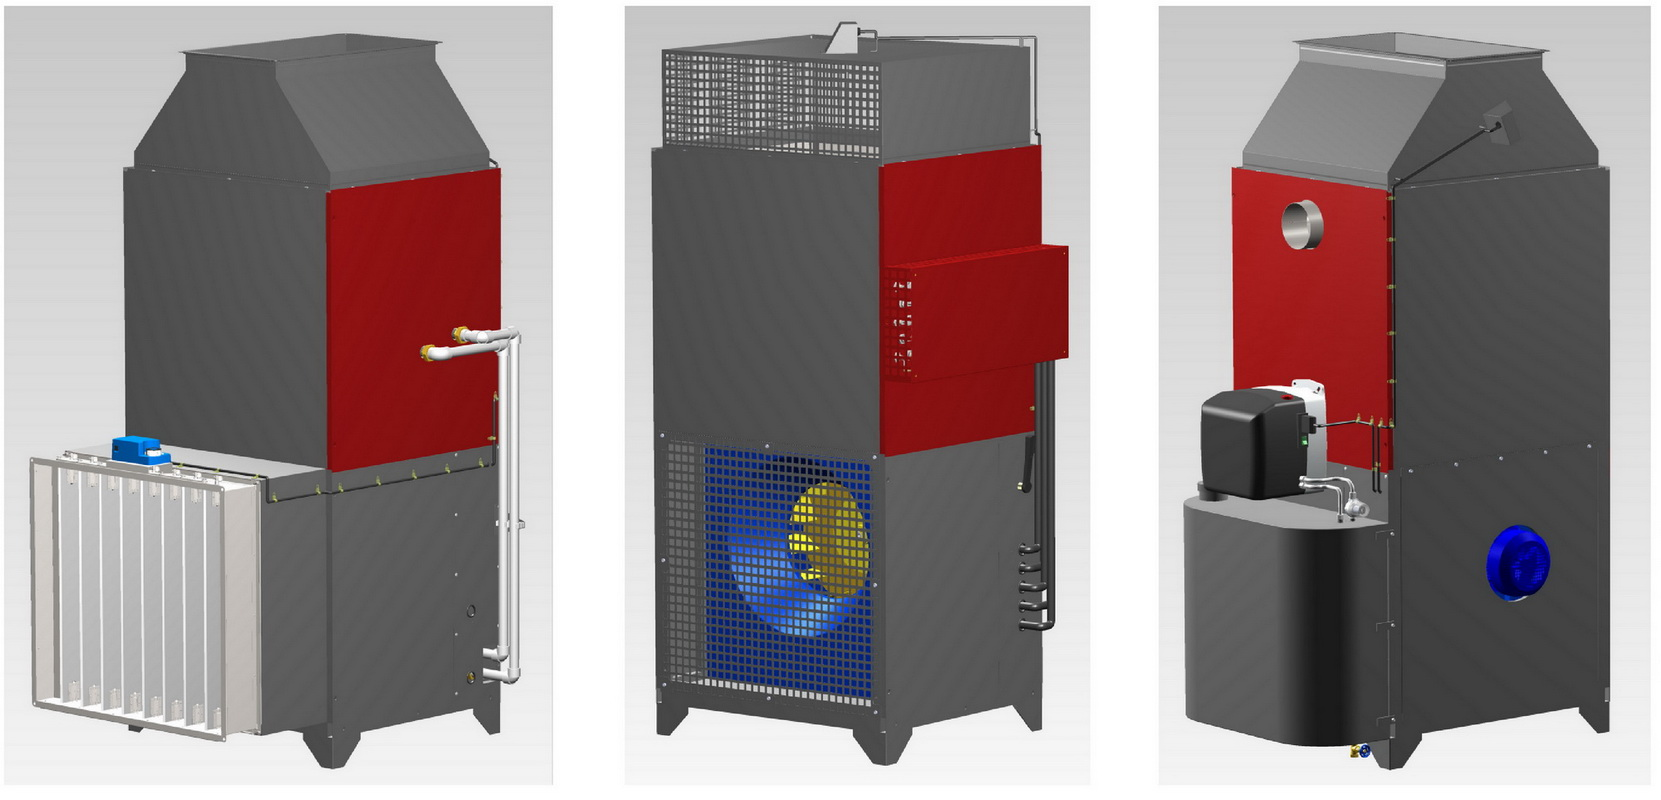 Теплообменник камера производительность как заменить теплообменник на бакси маин